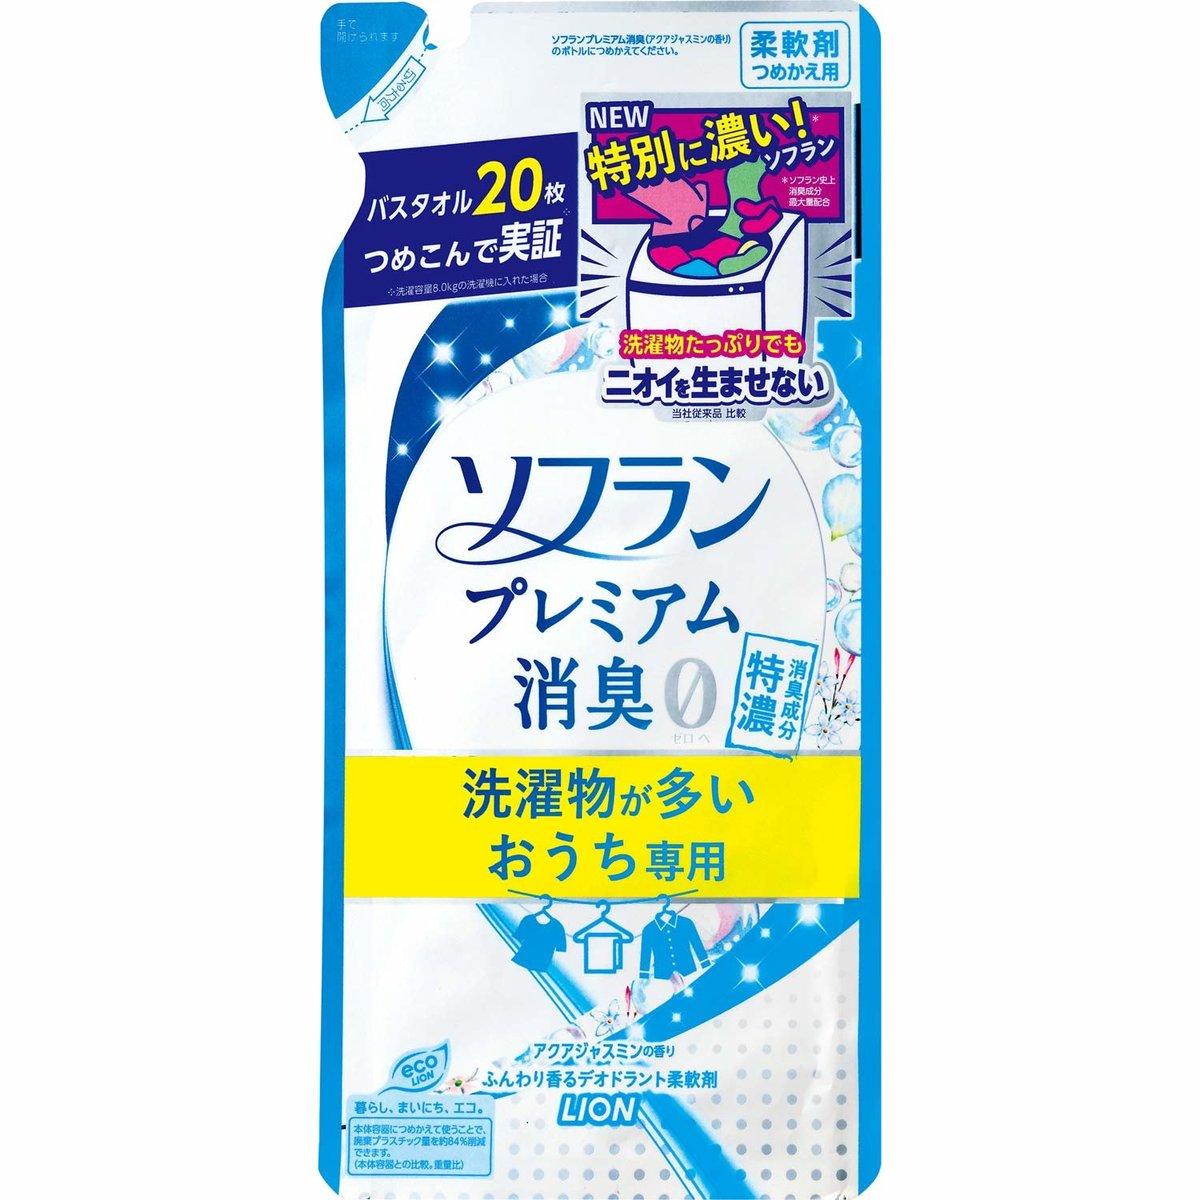 特濃消臭成分柔順配方洗衣劑((補充裝)) 430mL - 茉莉花香 (白)  (4903301292104_1)